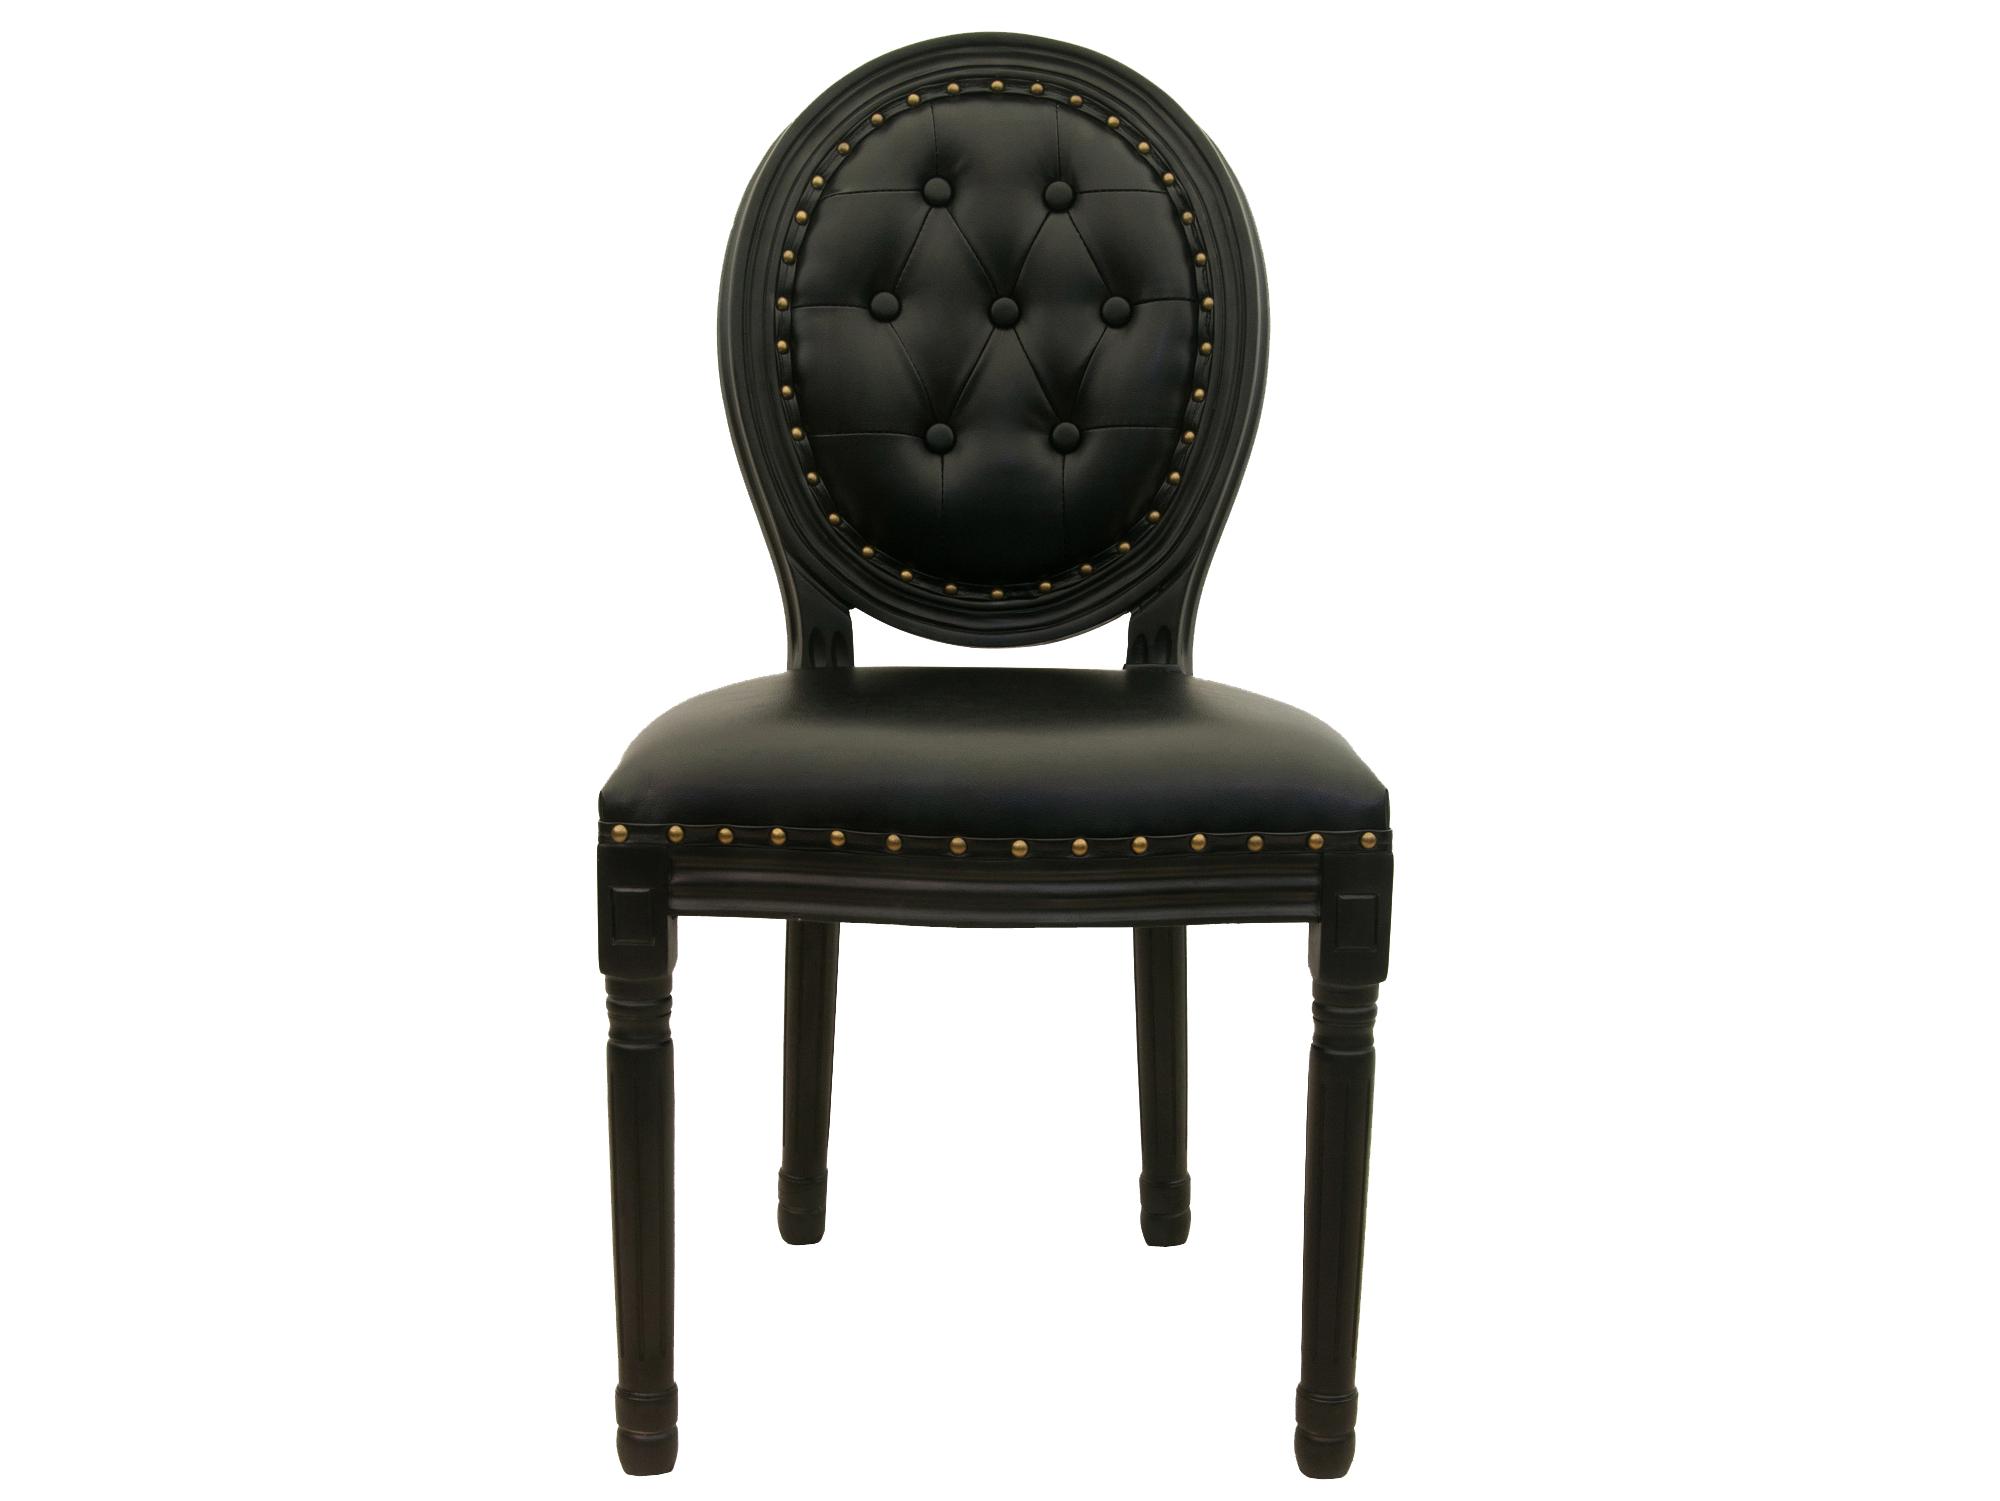 Стул VolkerОбеденные стулья<br>Cтул Volker с округлой спинкой напоминающей медальон, выполнен в элегантном классическом французском стиле. Основание модели выполнено из цельной породы древесины - массива каучукового дерева, выкрашенного в черный цвет. Такой стул эффектно смотрится как в контрастной, так и в однотонной обстановке.&amp;amp;nbsp;&amp;lt;div&amp;gt;&amp;lt;br&amp;gt;&amp;lt;/div&amp;gt;&amp;lt;div&amp;gt;Материал: Структурированная кожа, каучуковое дерево.&amp;lt;/div&amp;gt;<br><br>Material: Дерево<br>Ширина см: 50.0<br>Высота см: 100.0<br>Глубина см: 54.0